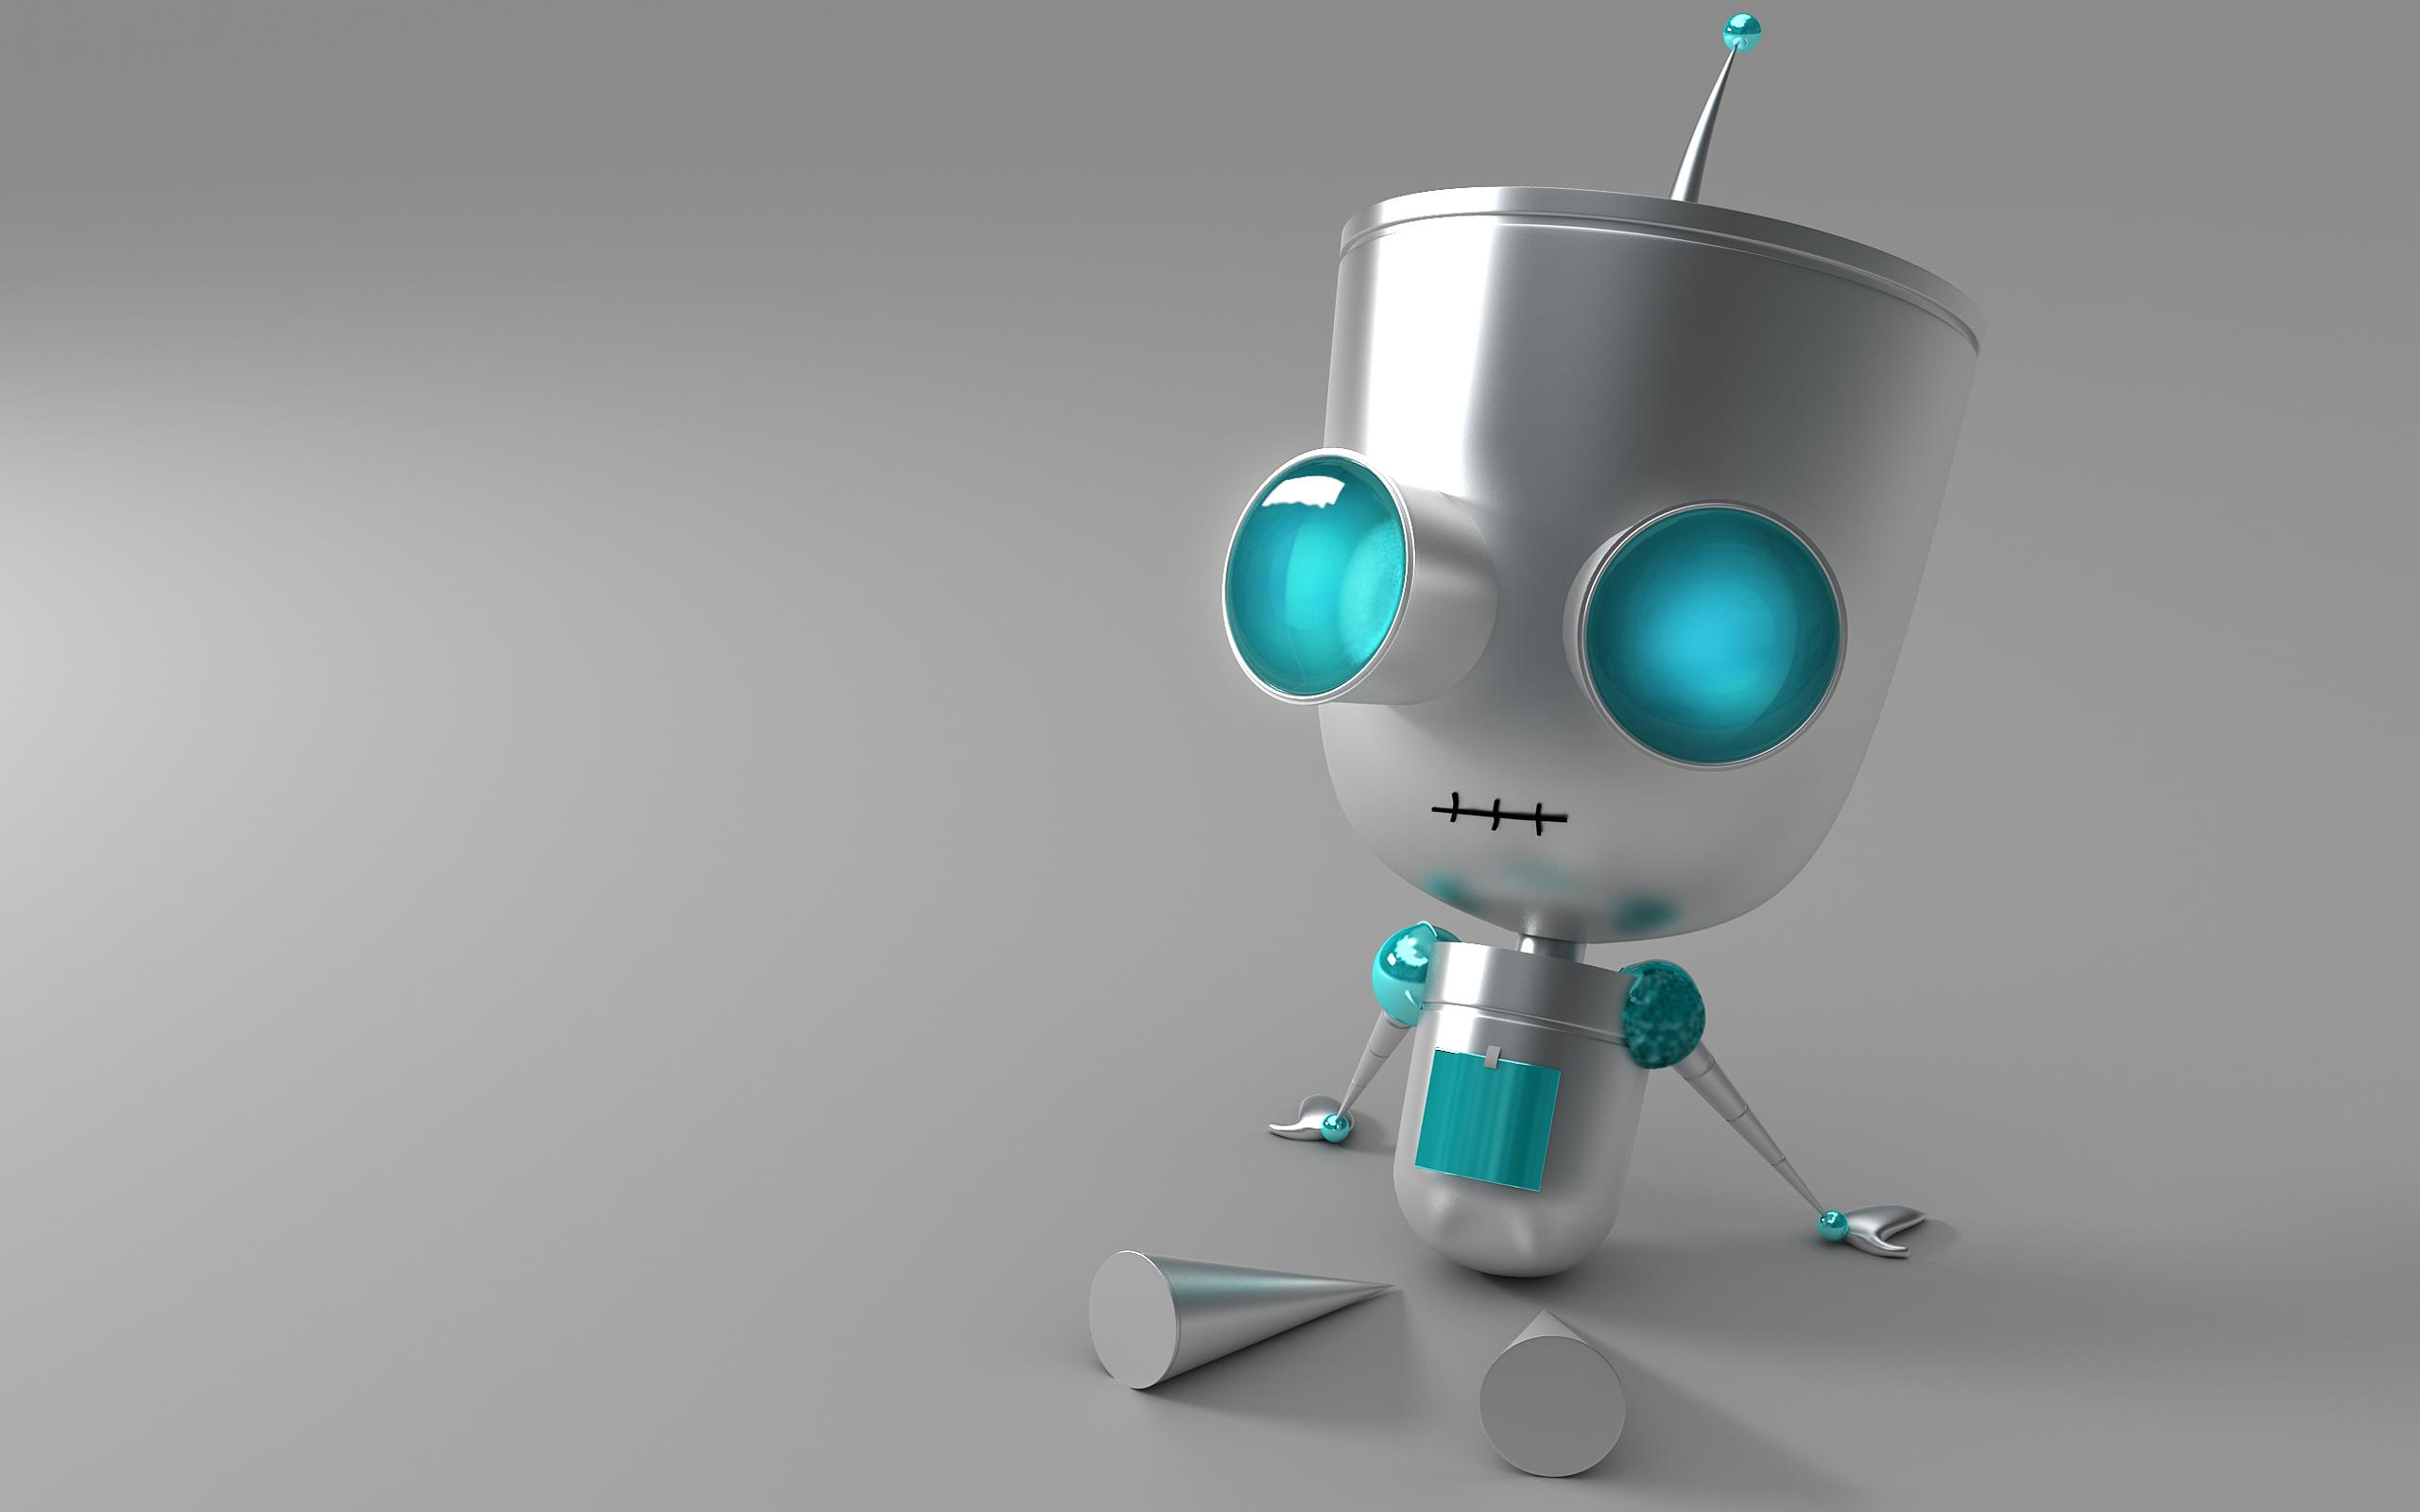 cute robot wallpaper | 2560x1600 | #32726